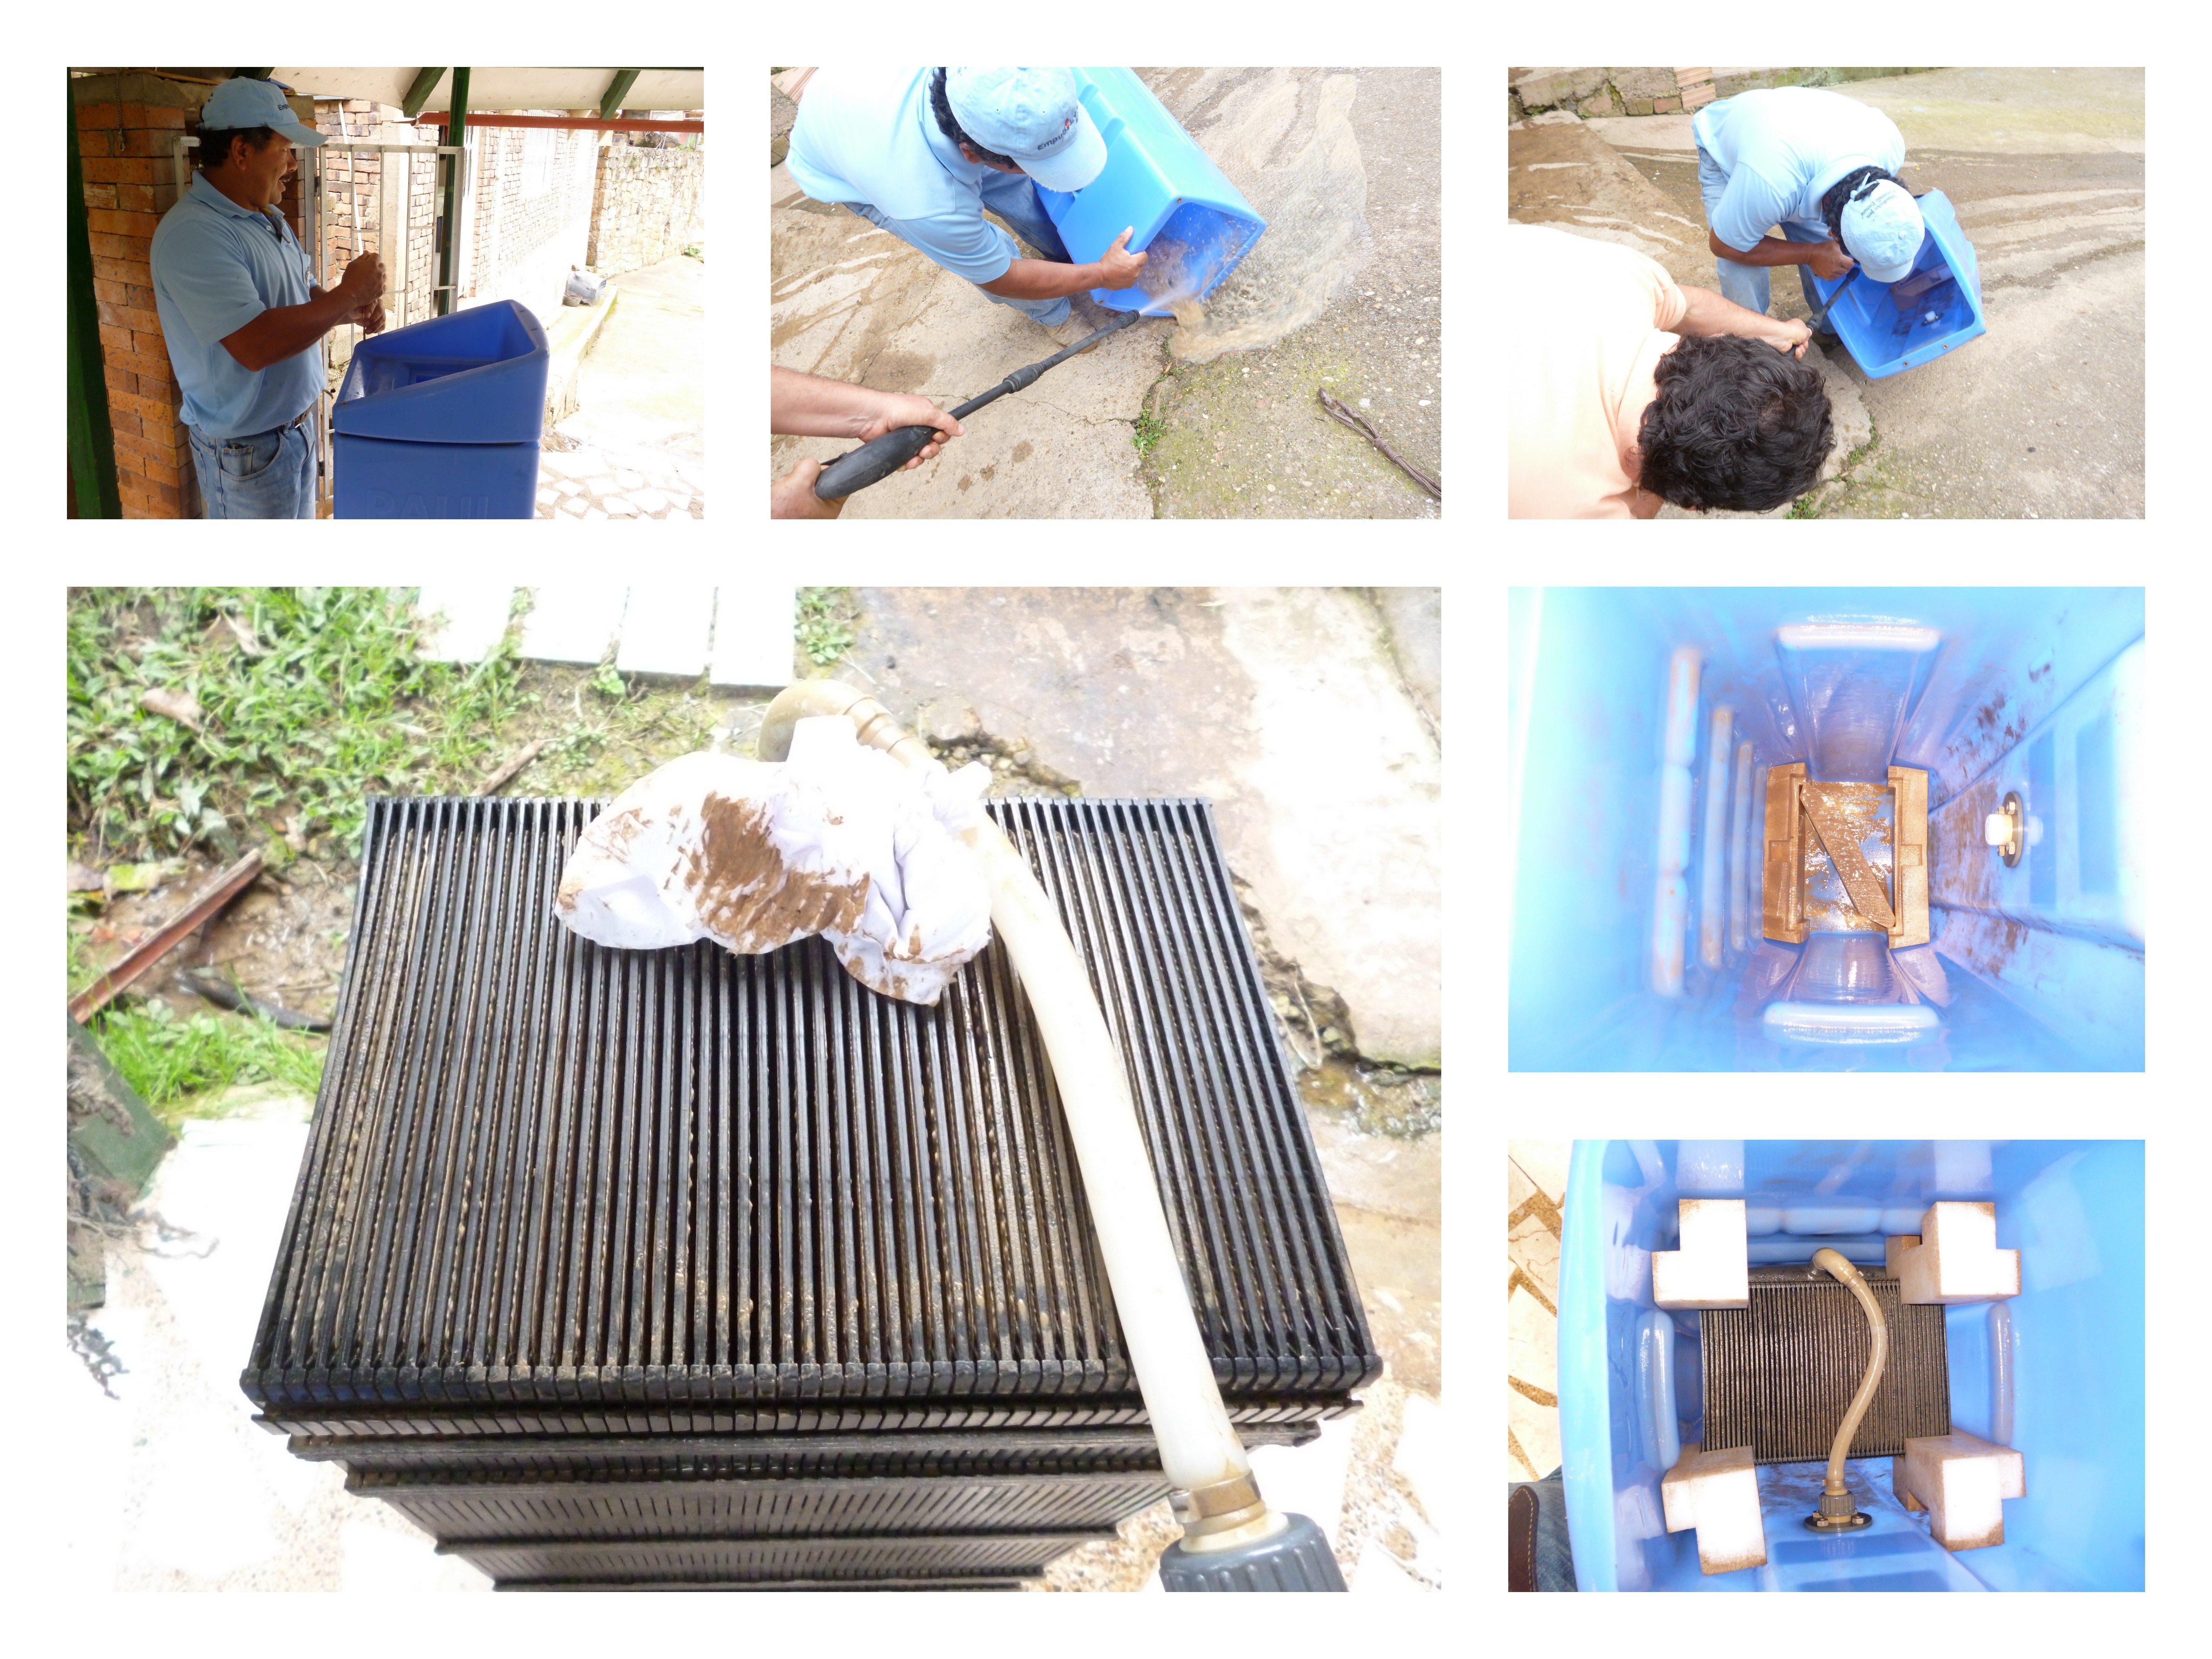 Der Wasserrucksack PAUL ist völlig einfach aufgebaut und zu reinigen (v.l. im Uhrzeigersinn): Nach Abnehmen des Deckels werden die groben Verschmutzungen einfach herausgespritzt. Anschließend wird der große Membranfilter herausgenommen und gereinigt.